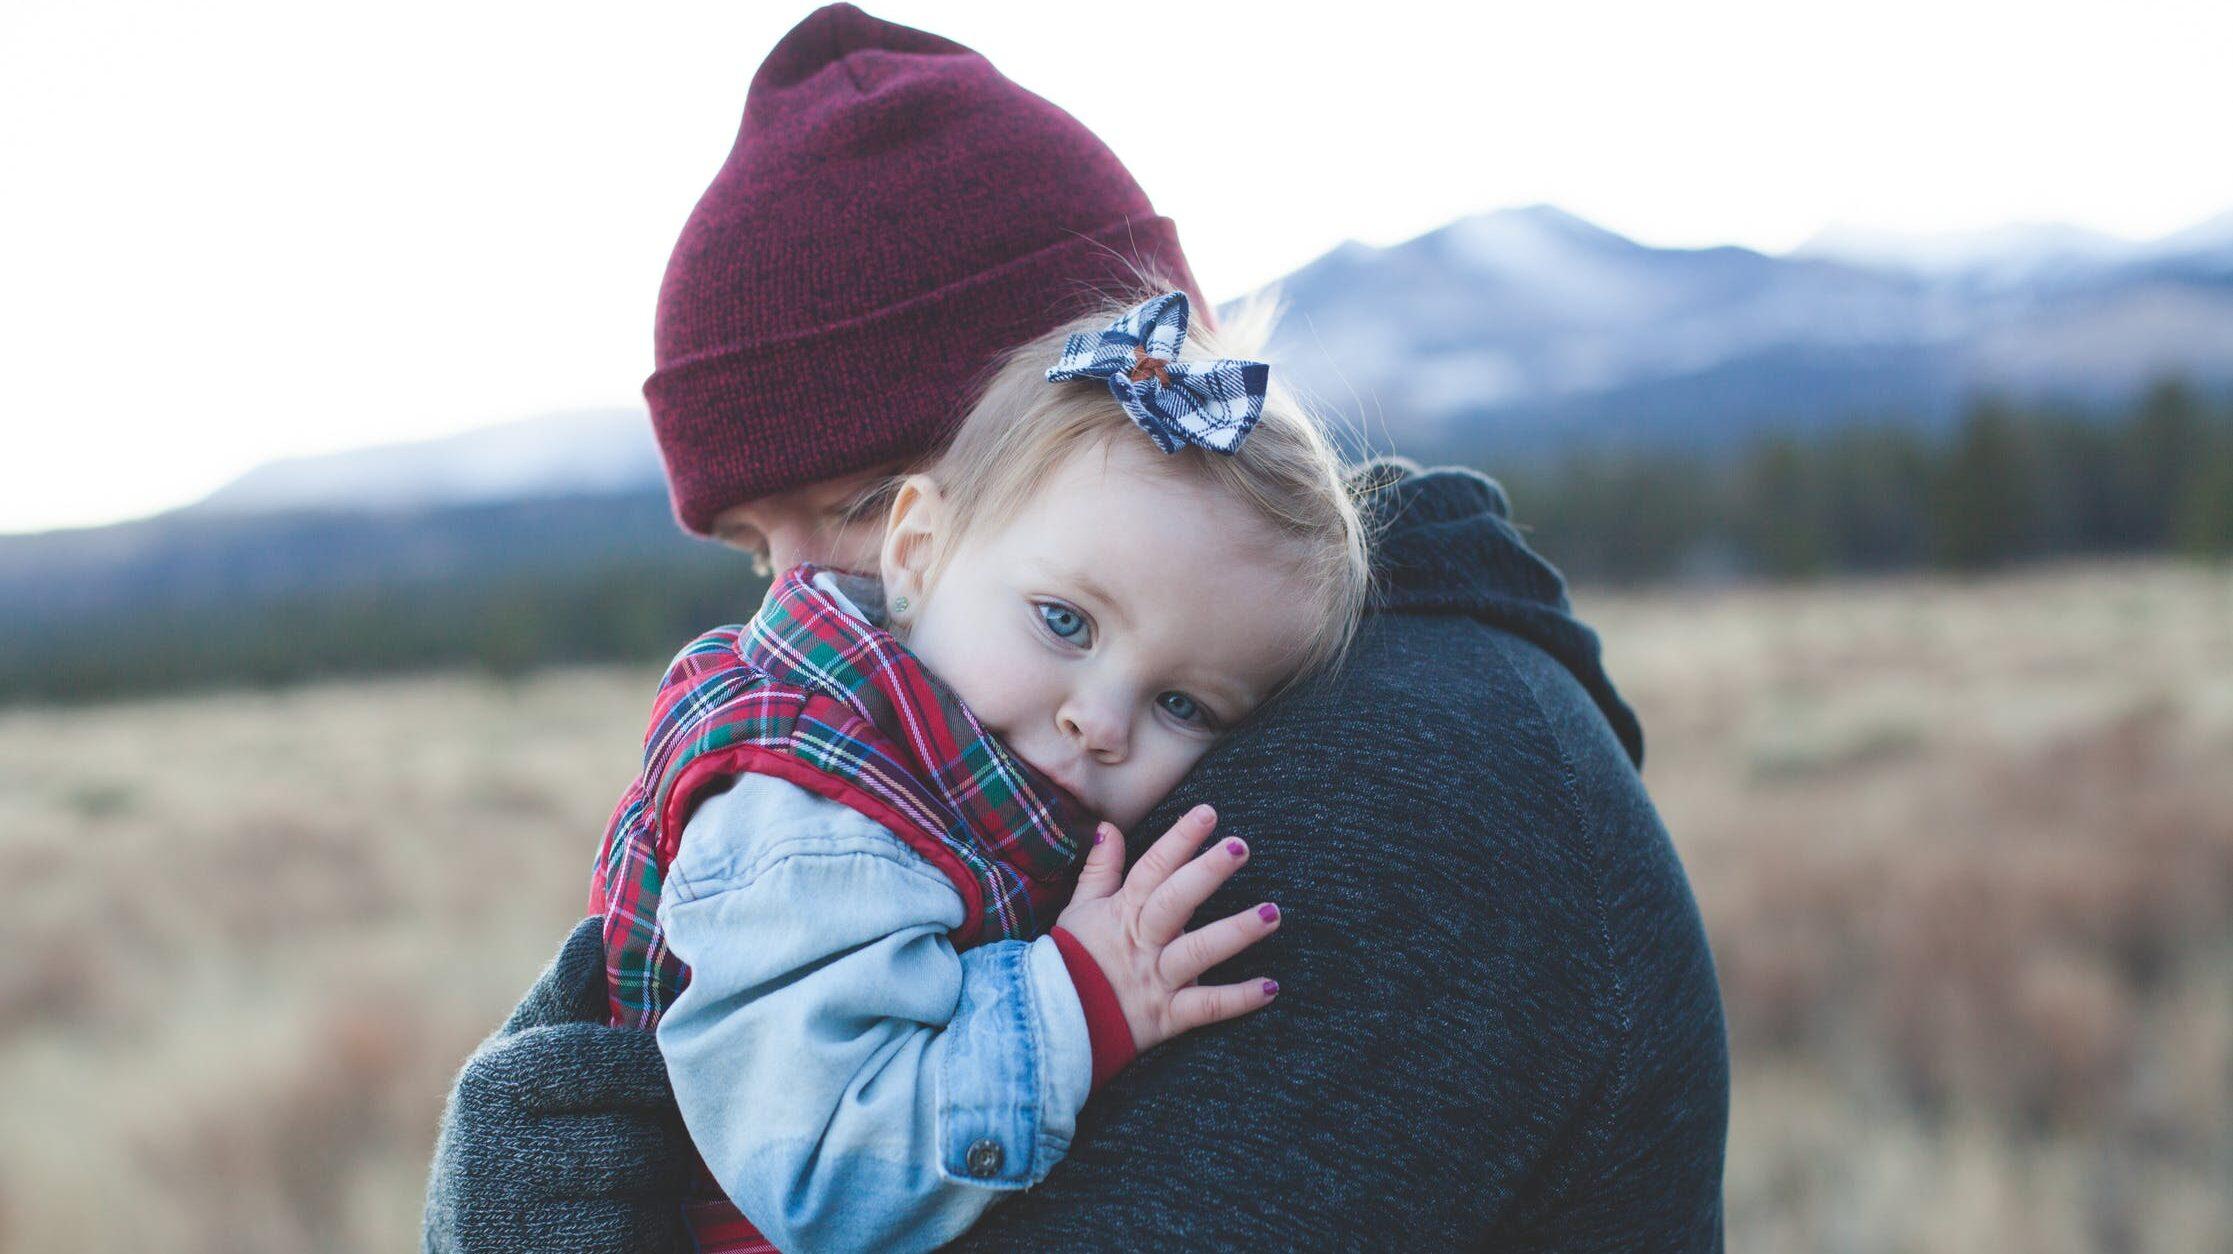 子供に懐かれる人好かれる人の特徴は?のイメージ画像7